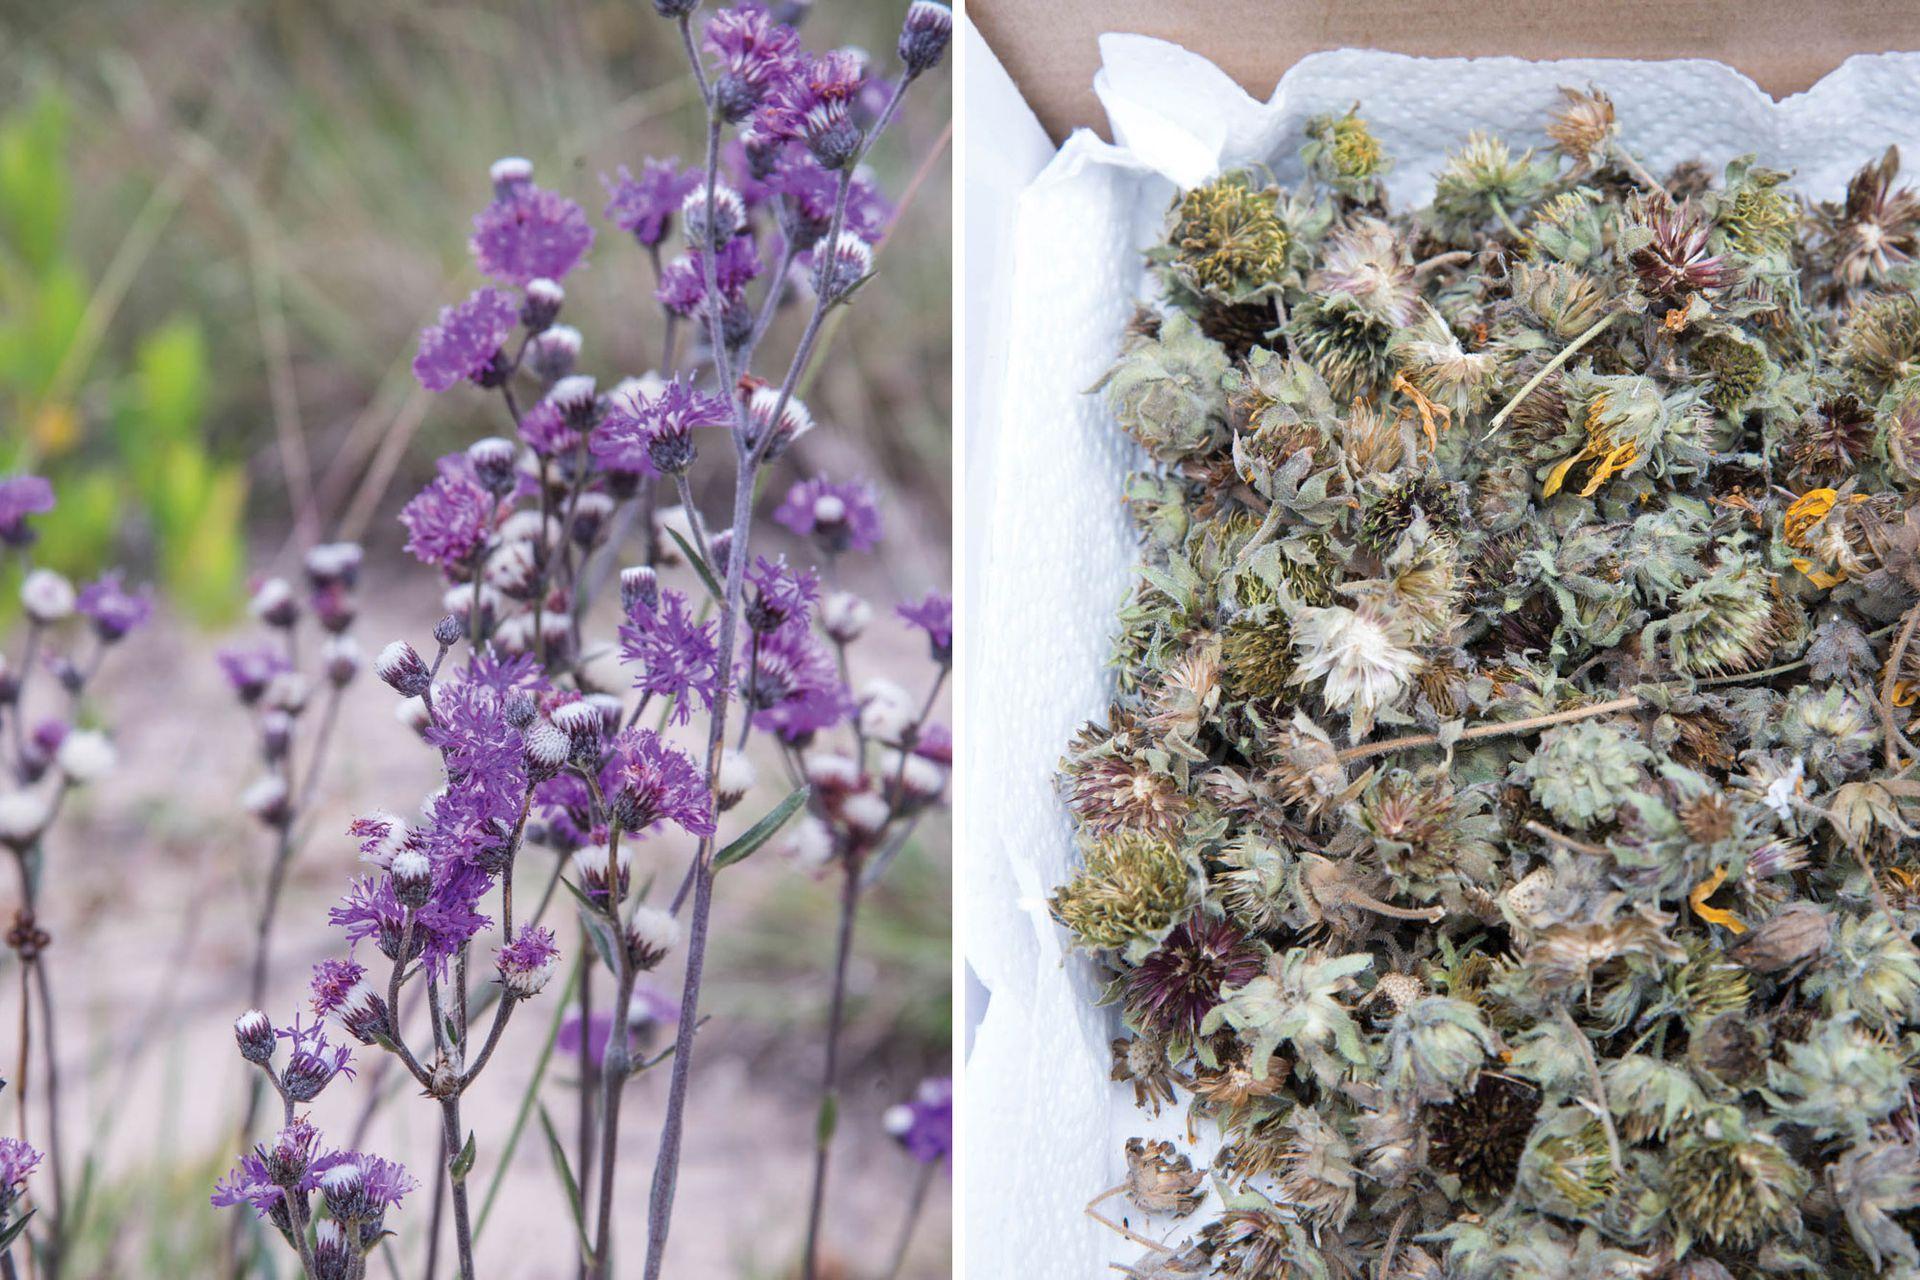 La cosecha debe realizarse sin depredar la naturaleza, siempre dejando semillas en las plantas y recolectando de distintos lugares.